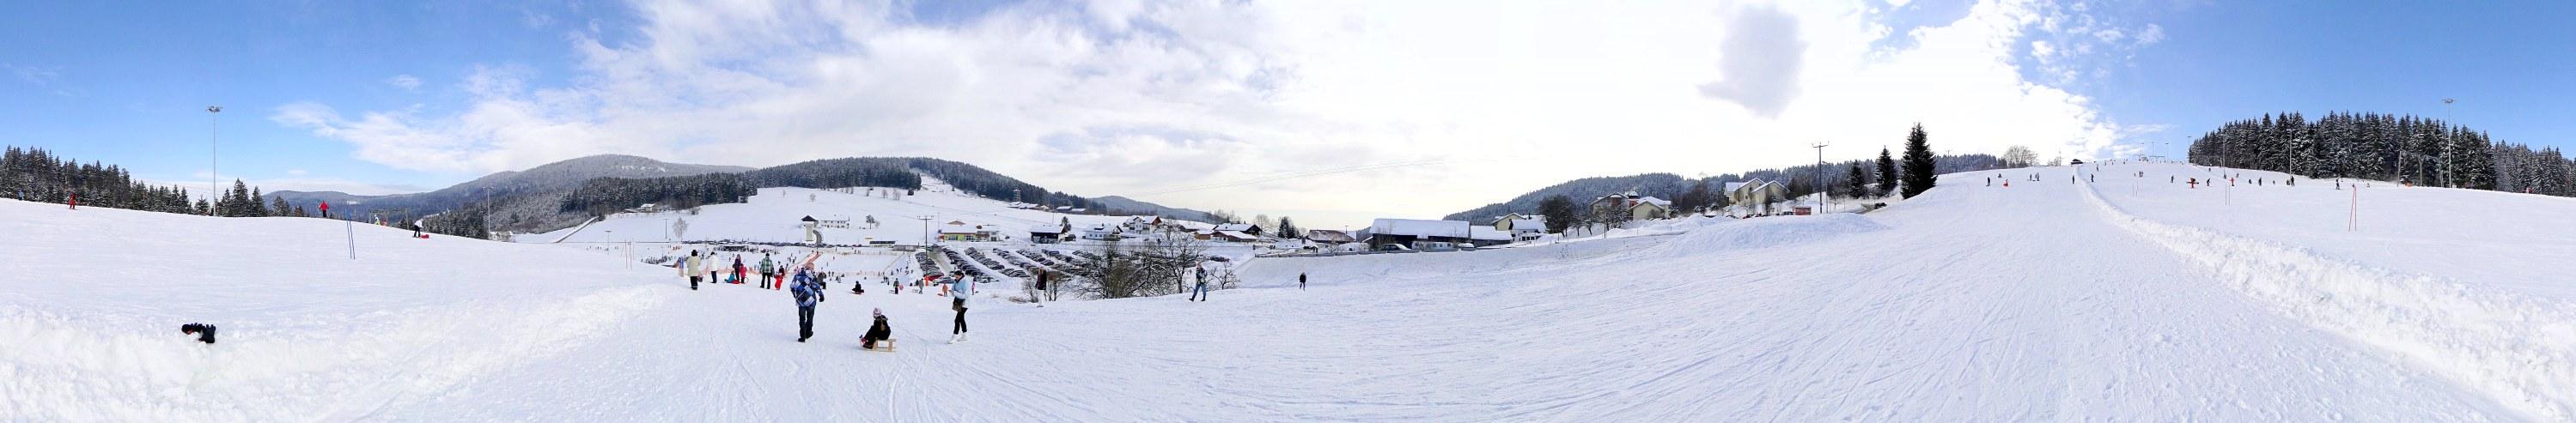 Skihang Grün/Maibrunn bei St. Englmar